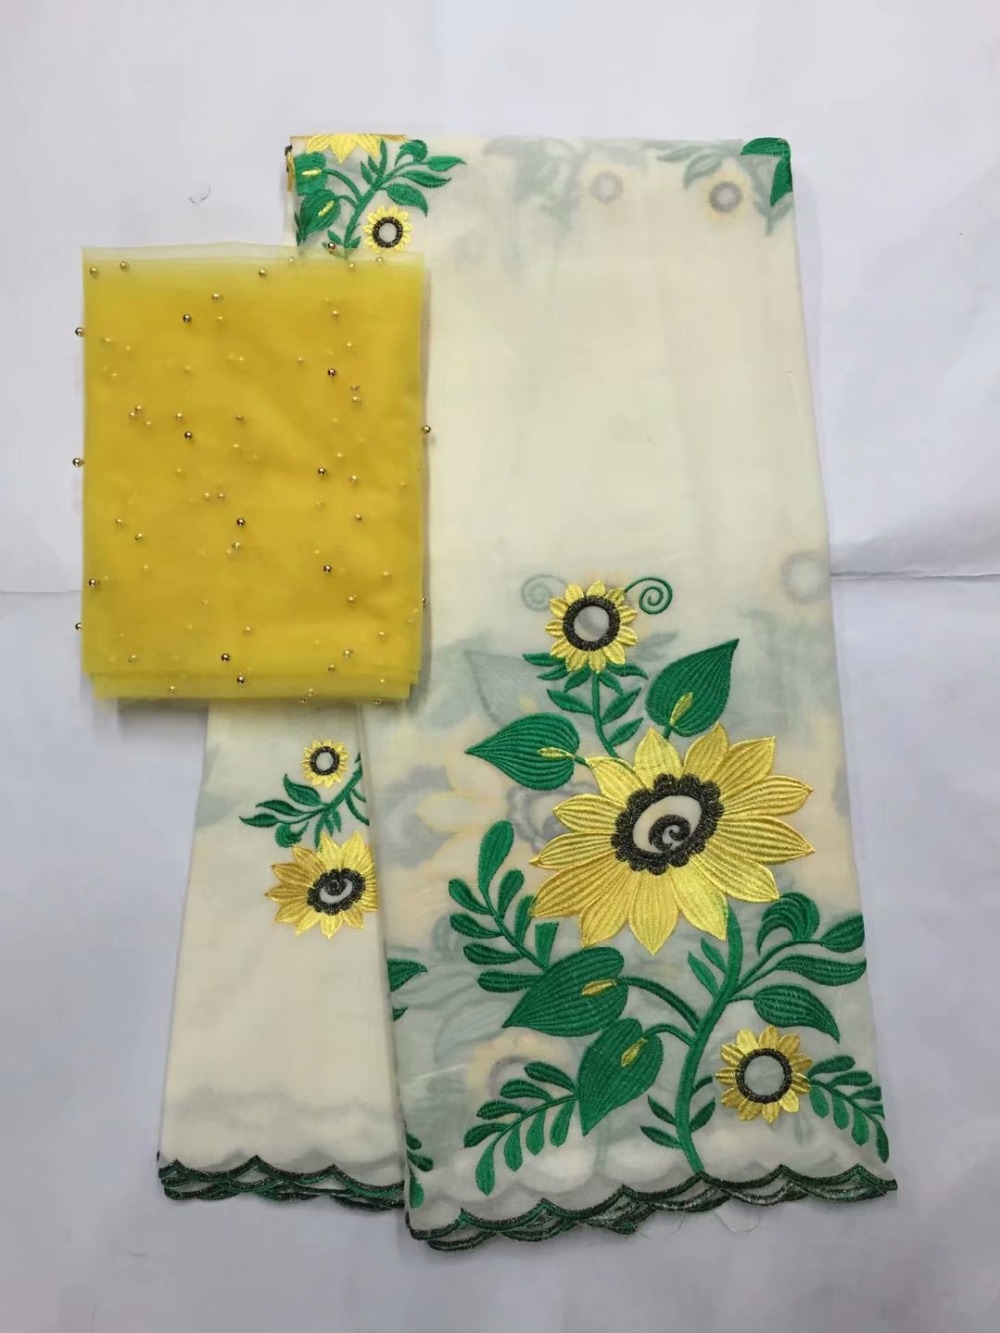 Tissus nigérians pour mariage voile suisse blanc avec broderie 100% coton tissu africain 2019 haute qualité FYD09